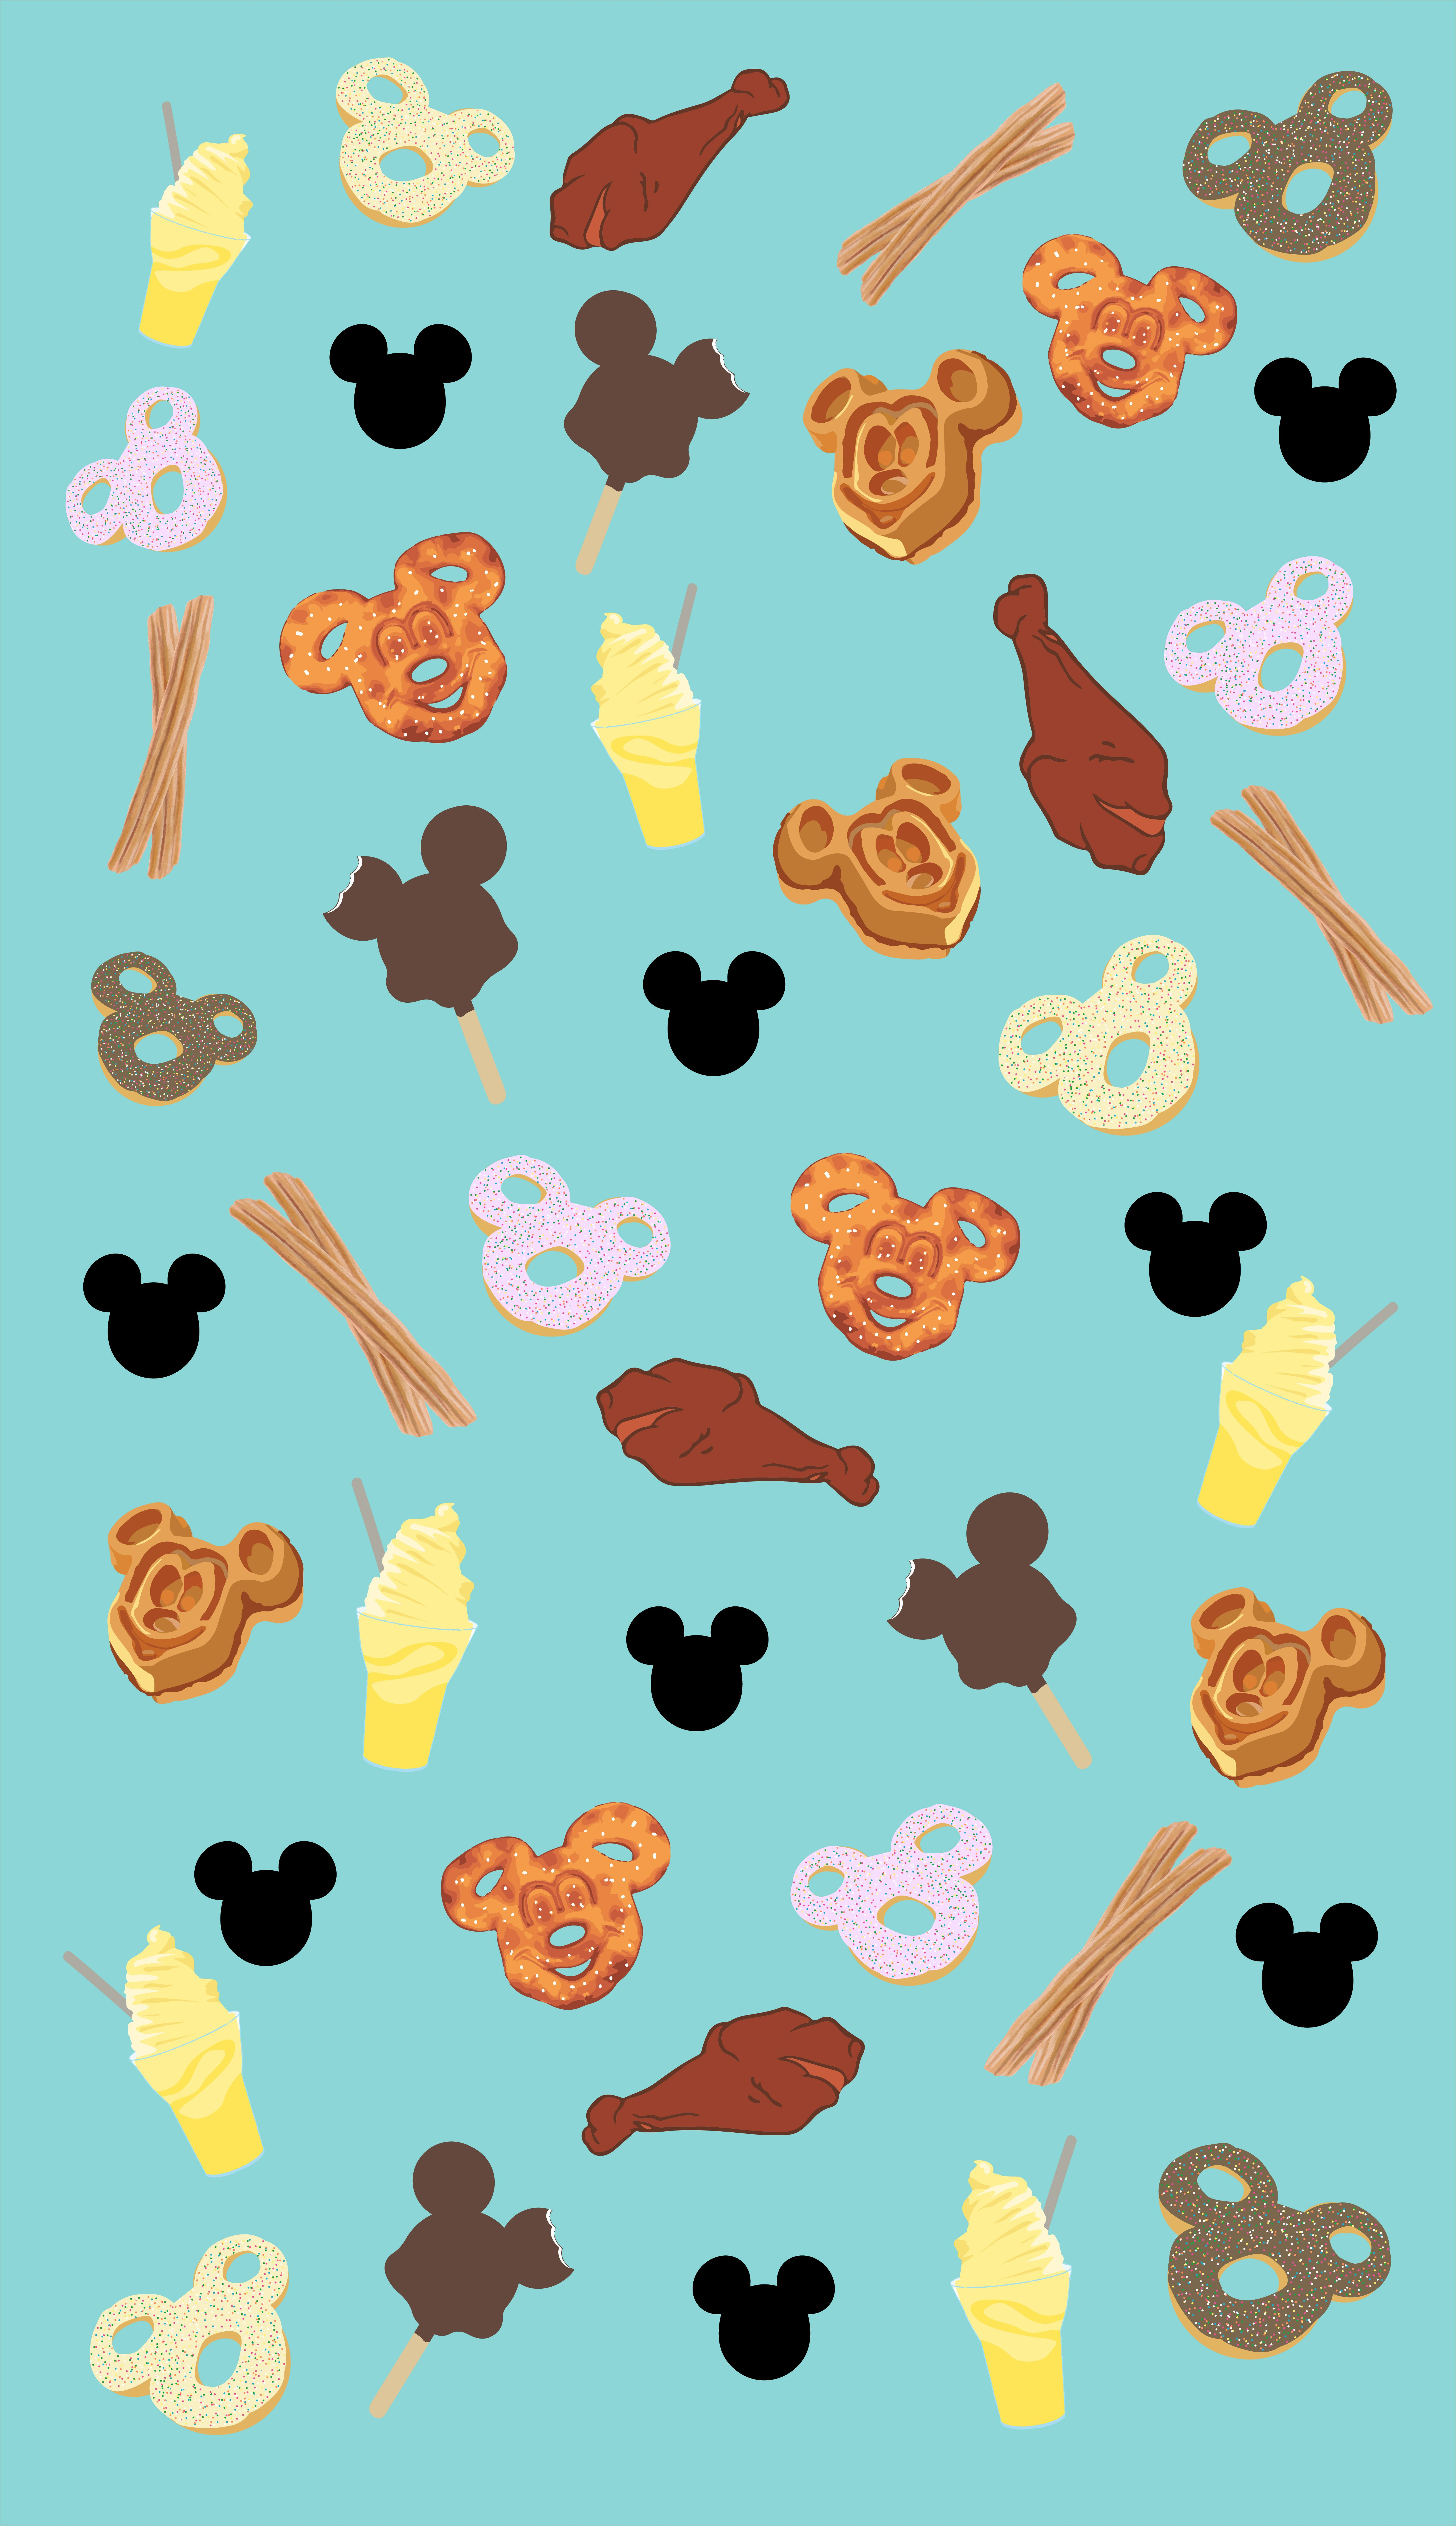 Disney Park Food In 2021 Disney Thanksgiving Disney Background Cute Disney Drawings